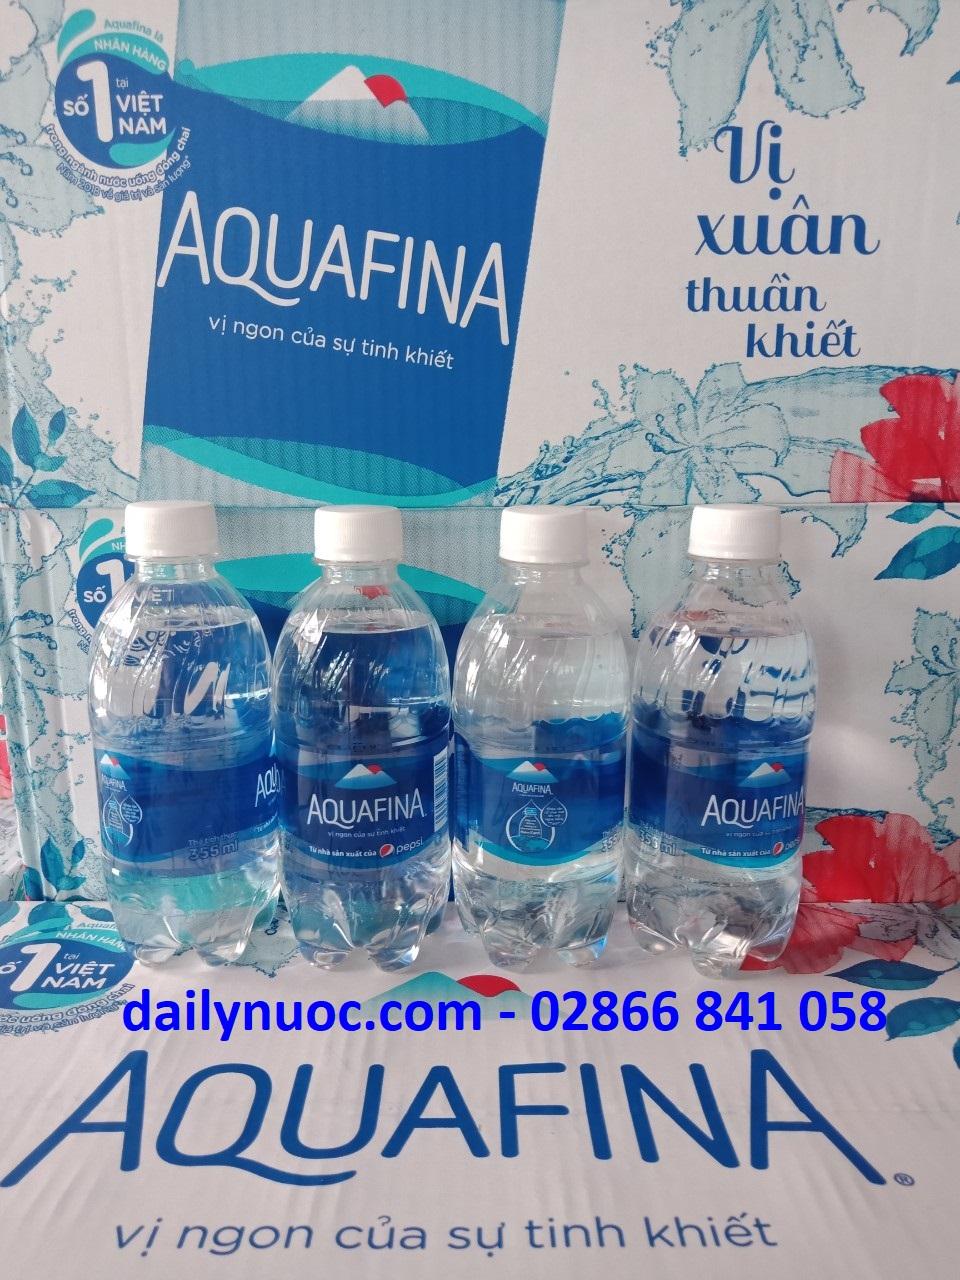 Thùng nước Aquafina 355ml thùng 24 chai có giá 90.000đ/thùng